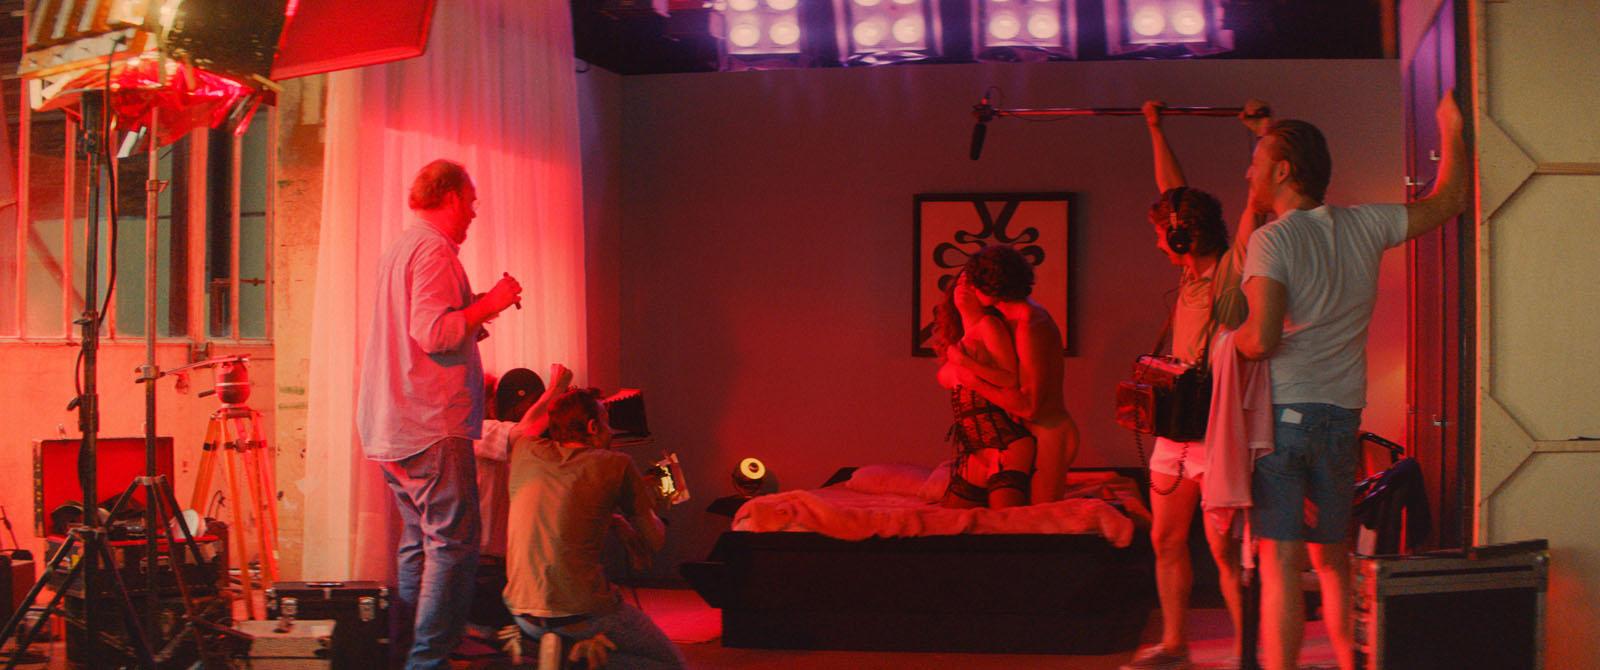 L'Amour est une fête image critique film avis